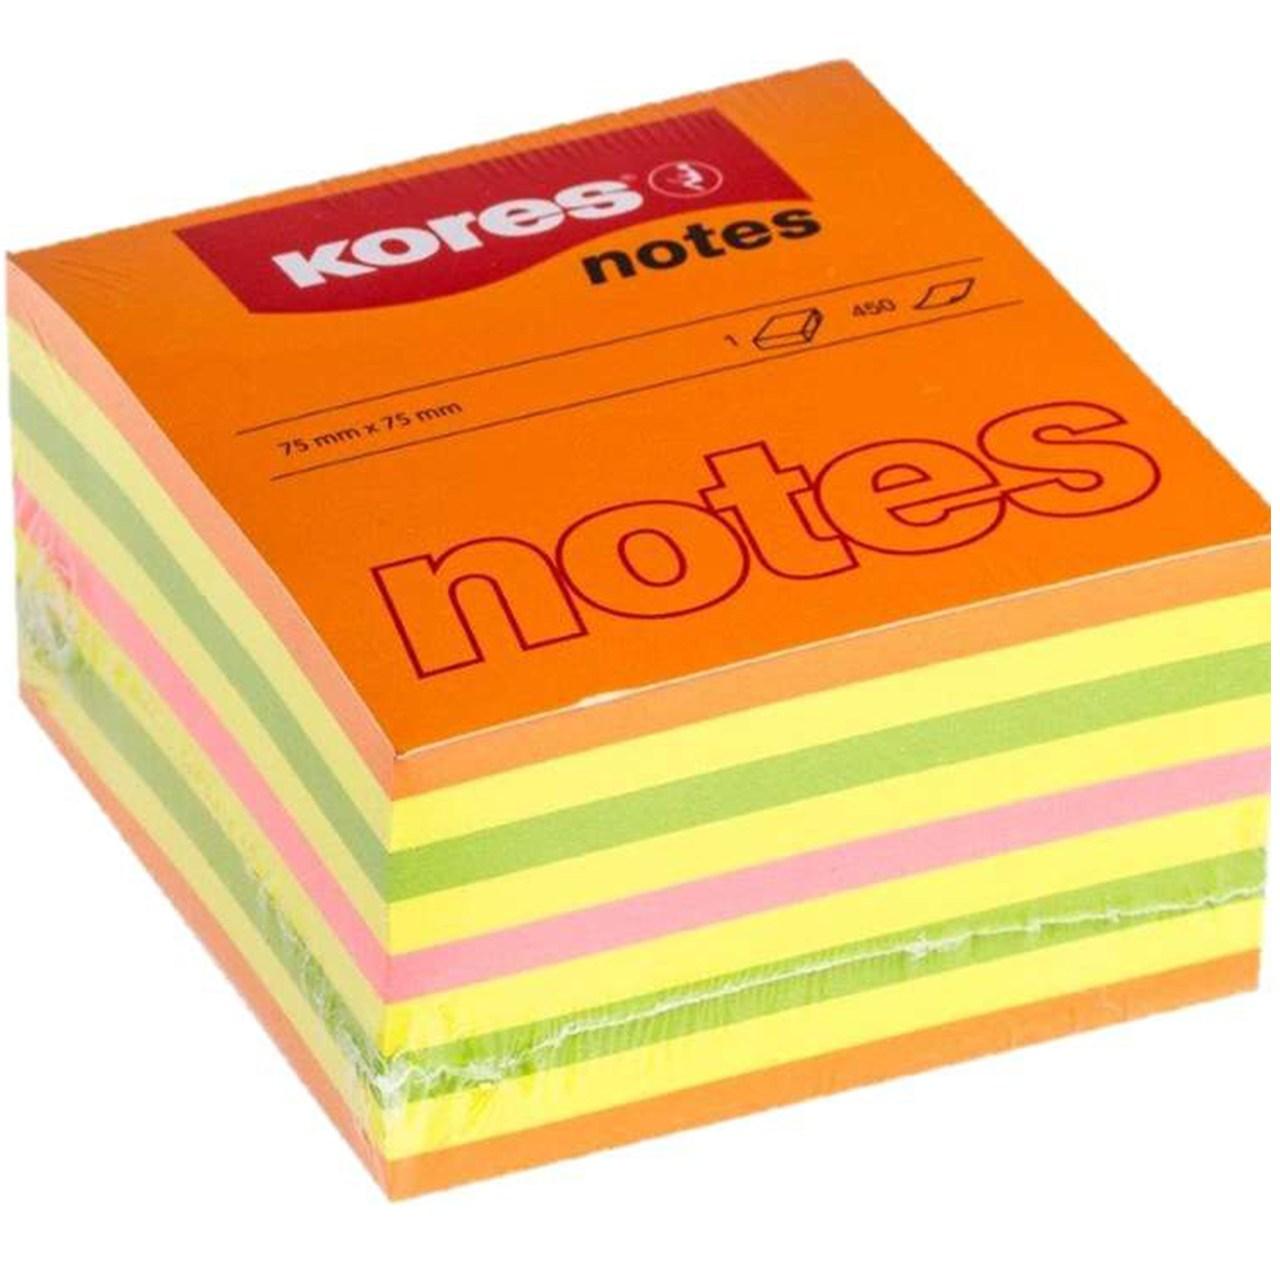 کاغذ یادداشت چسب دار کورس کد 48465 بسته 450 عددی